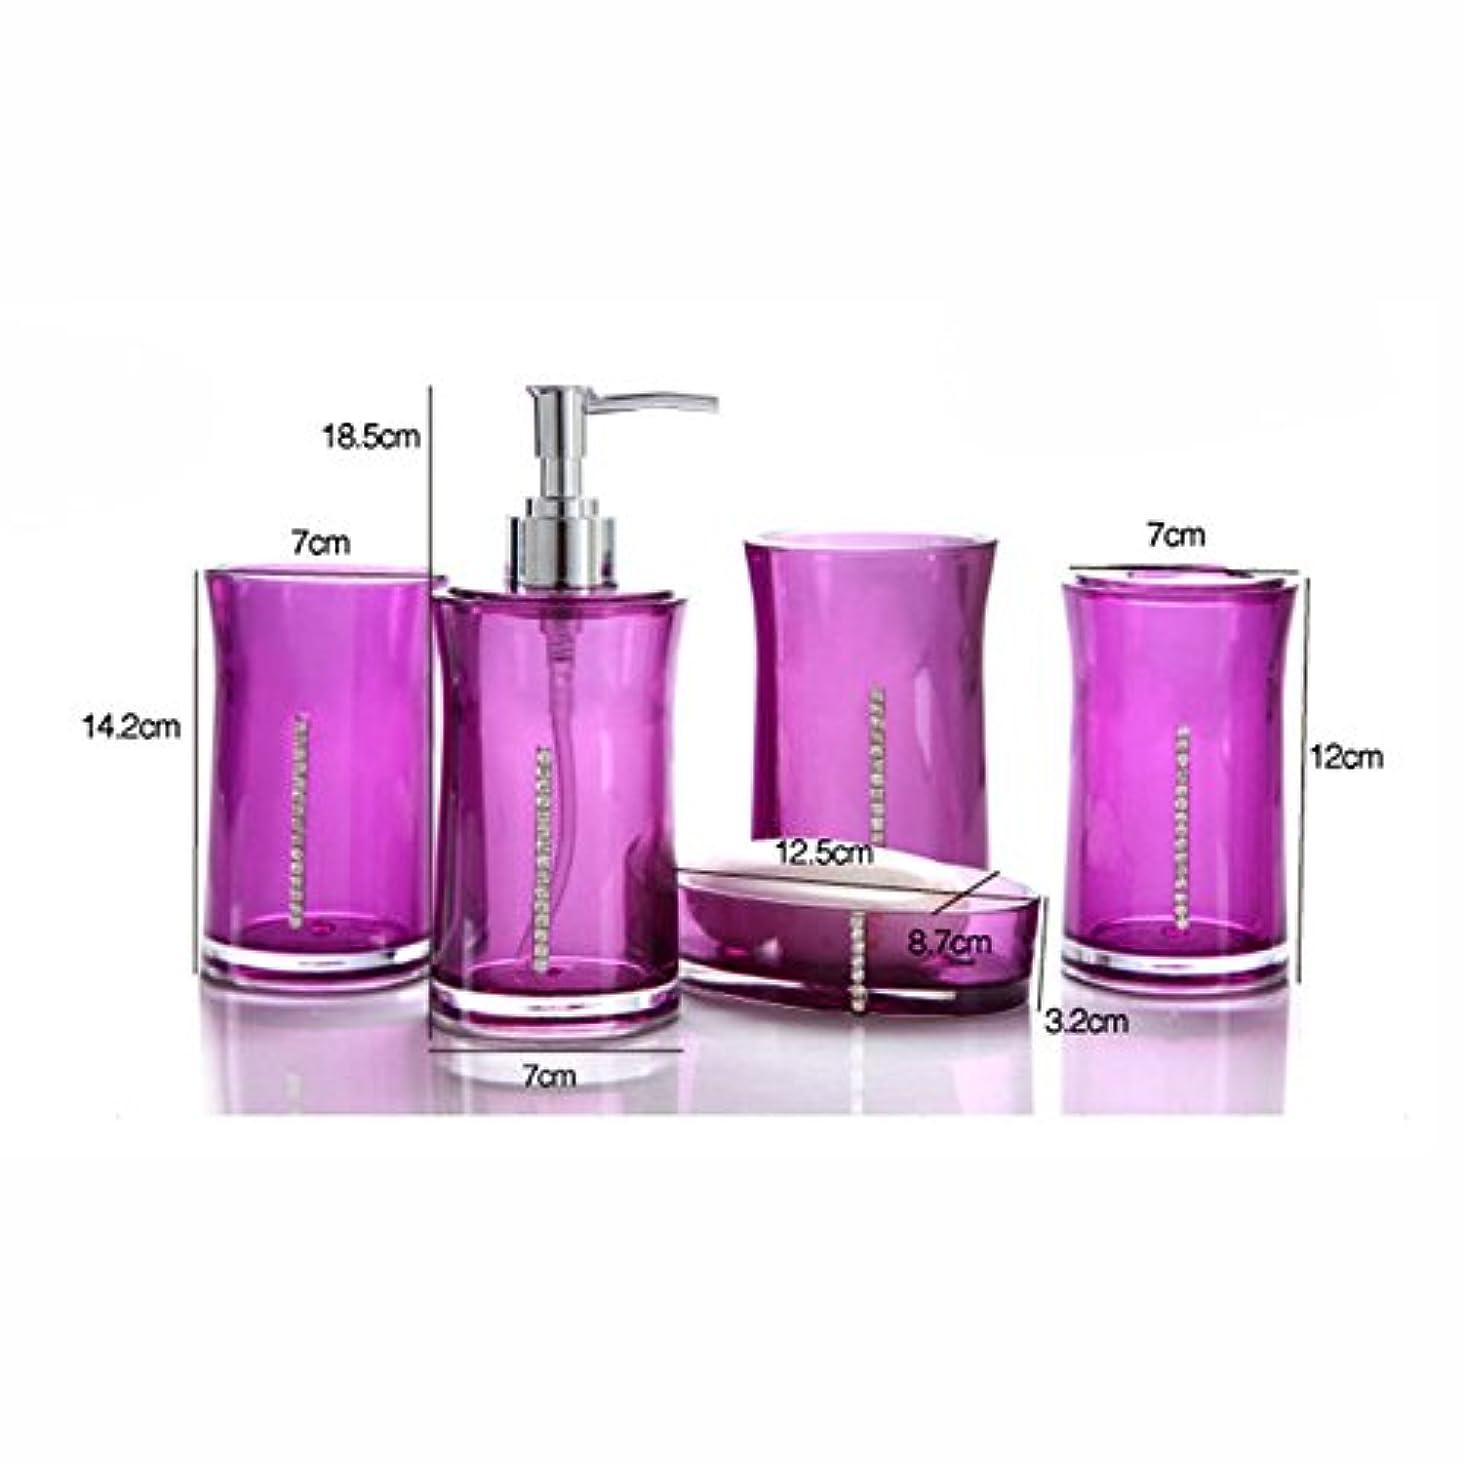 刈り取る降伏失敗xlp シャワージェルアクリルボトル、キッチンバス用シャンプー液体石鹸ディスペンサーボトル (紫)